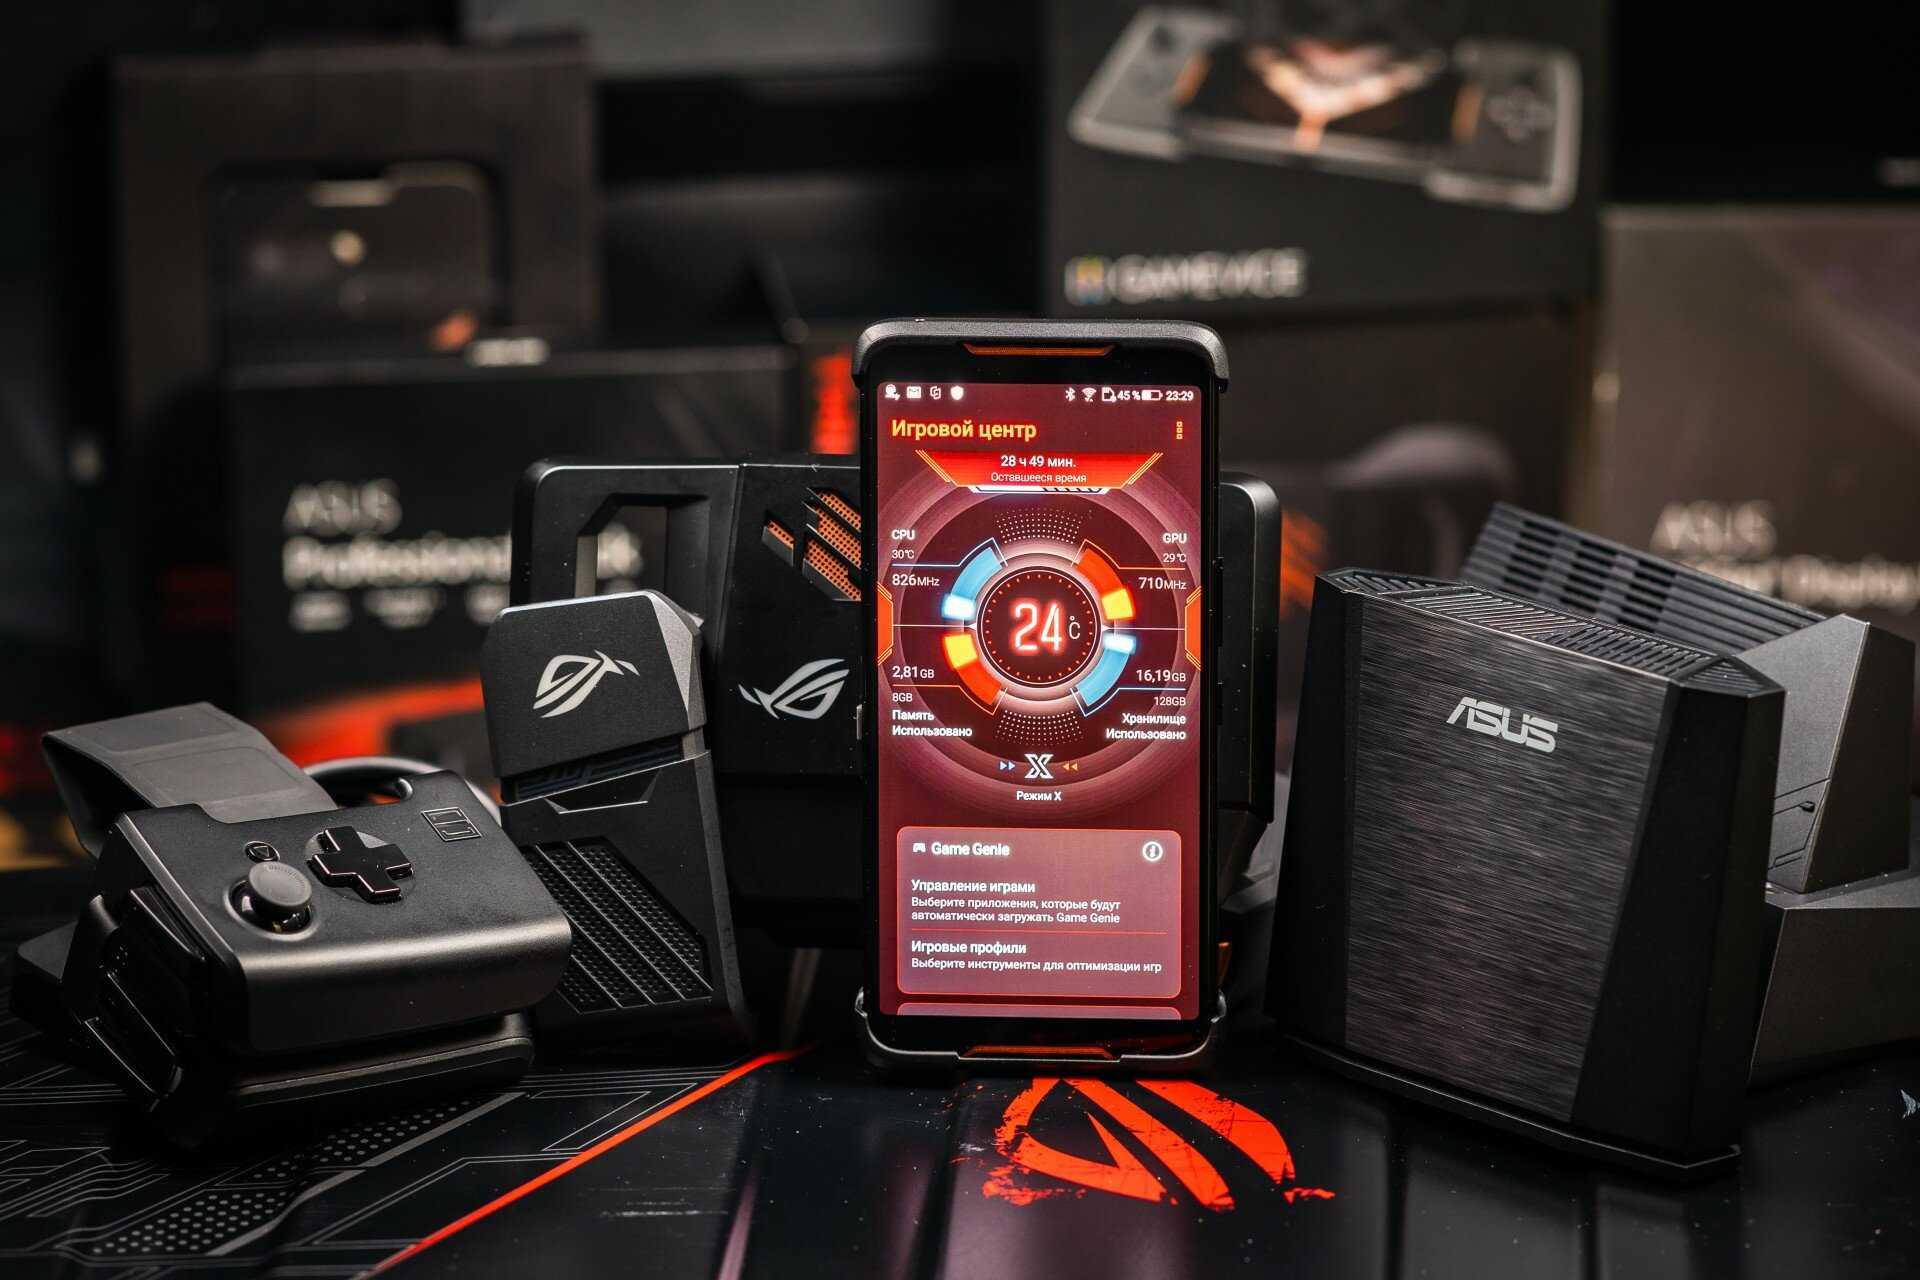 Nubia red magic 3 и nubia mini 5g – флагманские смартфоны nubia 2019 – обзор, характеристики, отзывы, цена и дата выхода в россии - stevsky.ru - обзоры смартфонов, игры на андроид и на пк